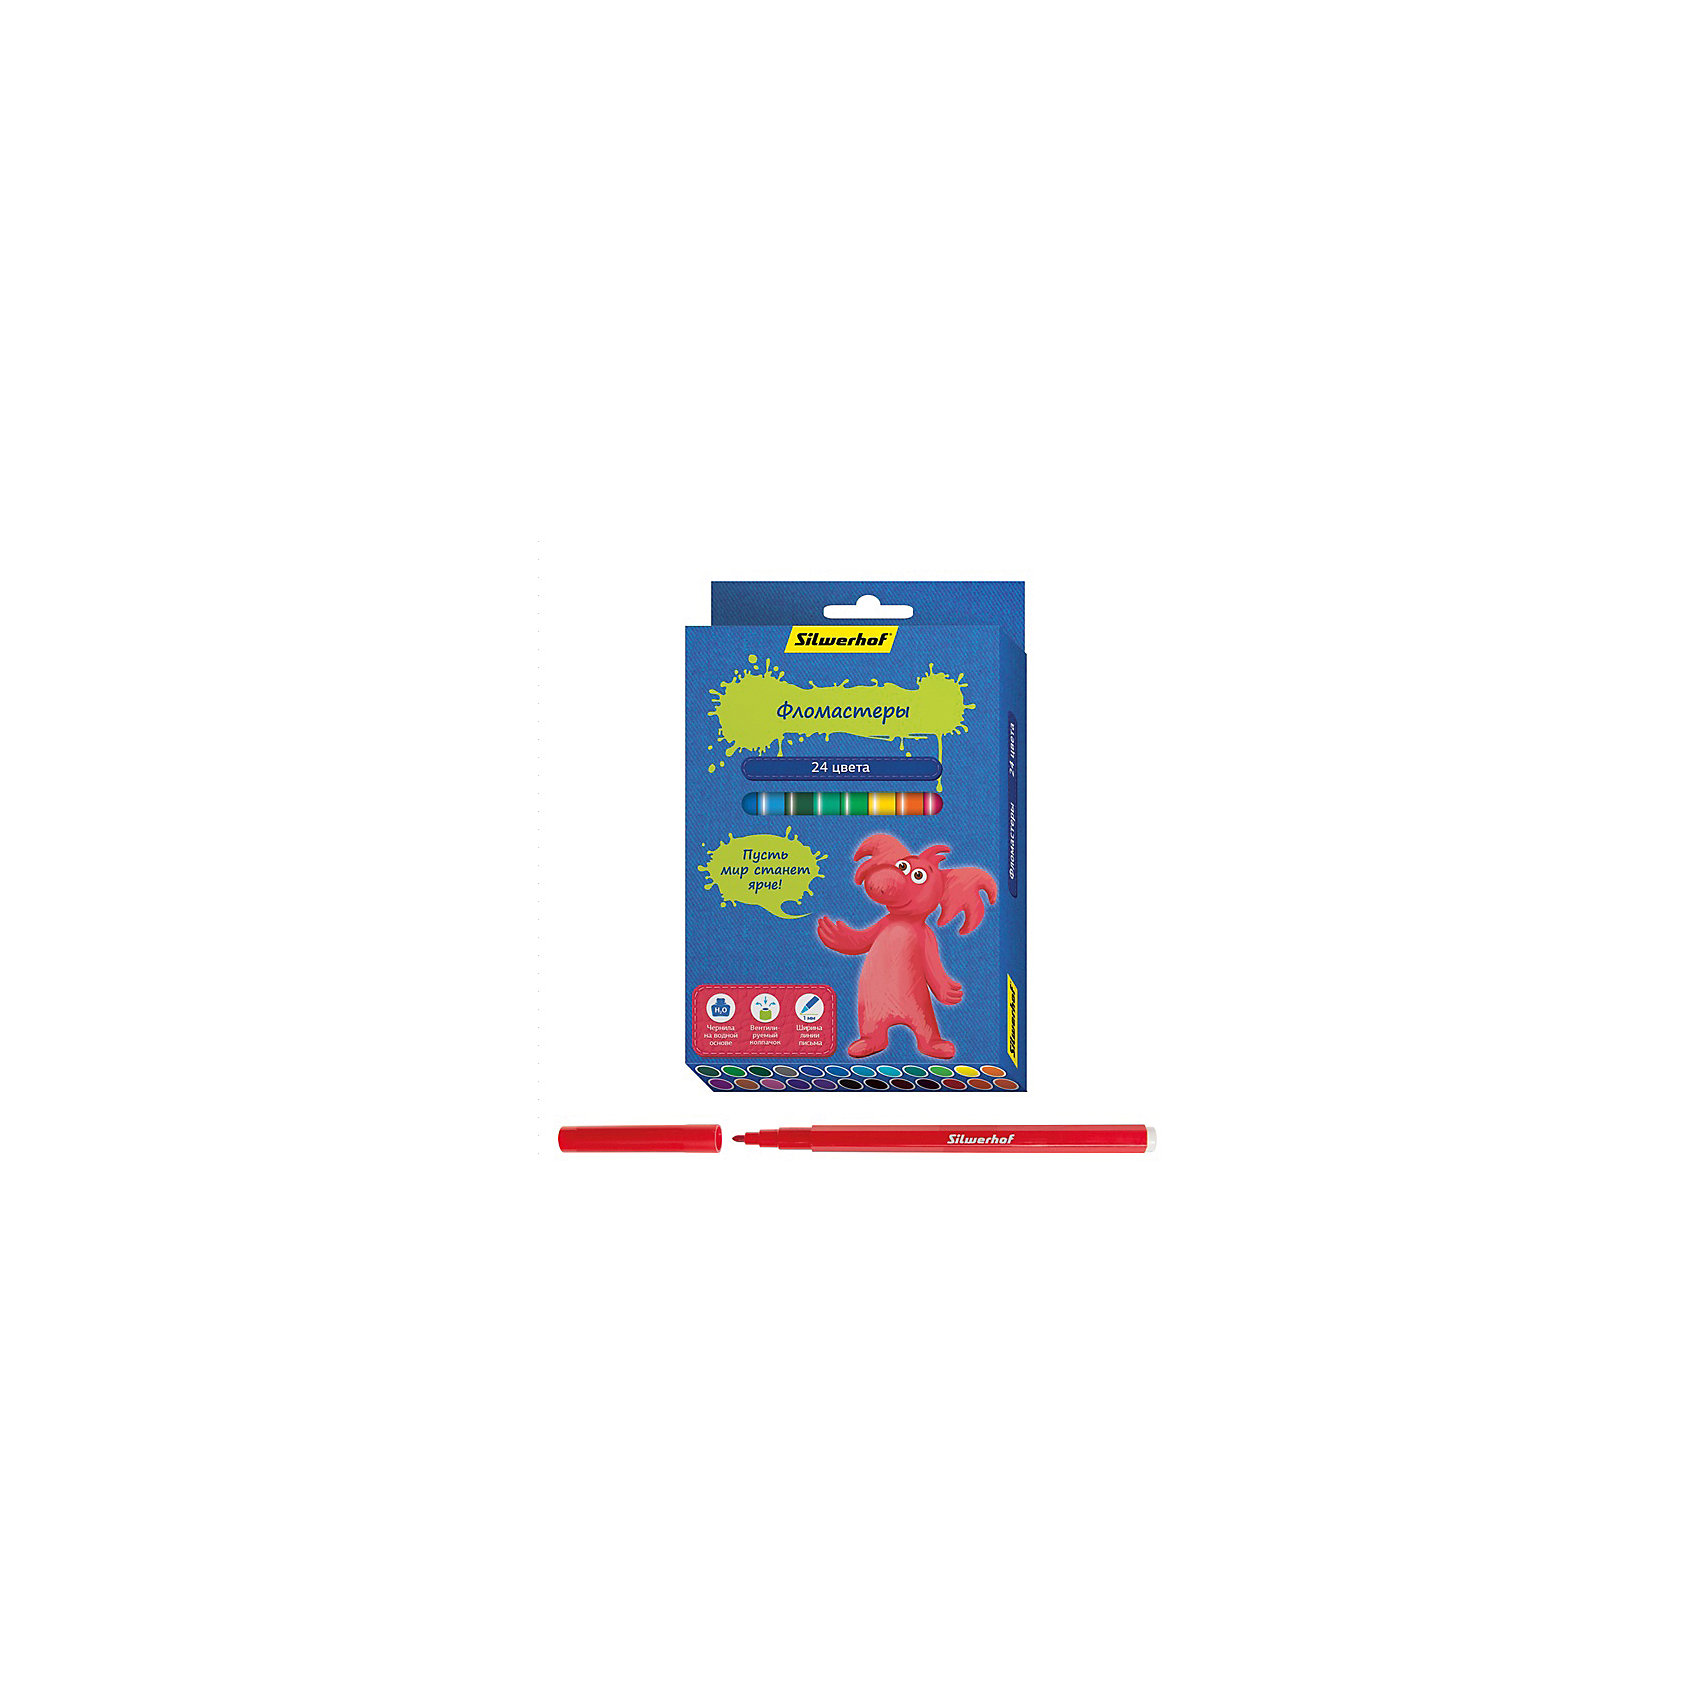 Фломастеры, 24цв, ДЖИНСОВАЯ КОЛЛЕКЦИЯПисьменные принадлежности<br>Характеристики товара:<br><br>• материал: пластик<br>• комплектация: 24 шт<br>• вентилируемый колпачок<br>• упаковка: картонная коробка<br>• круглые<br>• размер фломастера: 8х129 мм<br>• страна бренда: Российская Федерация<br>• страна производства: Китай<br><br>Сделать творчество и учебу интереснее для ребенка поможет этот набор цветных фломастеров! Ими не только гораздо веселее рисовать, чем маленьким набором, такие фломастеры удобно хранить в картонной коробке. Они отличаются яркими цветами - ребенок будет в восторге!<br>Изделия качественно выполнены, сделаны из безопасных для детей материалов. Рисование помогает детям лучше развить мелкую моторику, память, внимание, аккуратность и мышление. Такой набор - отличный подарок ребенку!<br><br>Фломастеры, 24 цв, ДЖИНСОВАЯ КОЛЛЕКЦИЯ, от бренда Silwerhof можно купить в нашем интернет-магазине.<br><br>Ширина мм: 155<br>Глубина мм: 110<br>Высота мм: 20<br>Вес г: 139<br>Возраст от месяцев: 36<br>Возраст до месяцев: 144<br>Пол: Унисекс<br>Возраст: Детский<br>SKU: 5020510